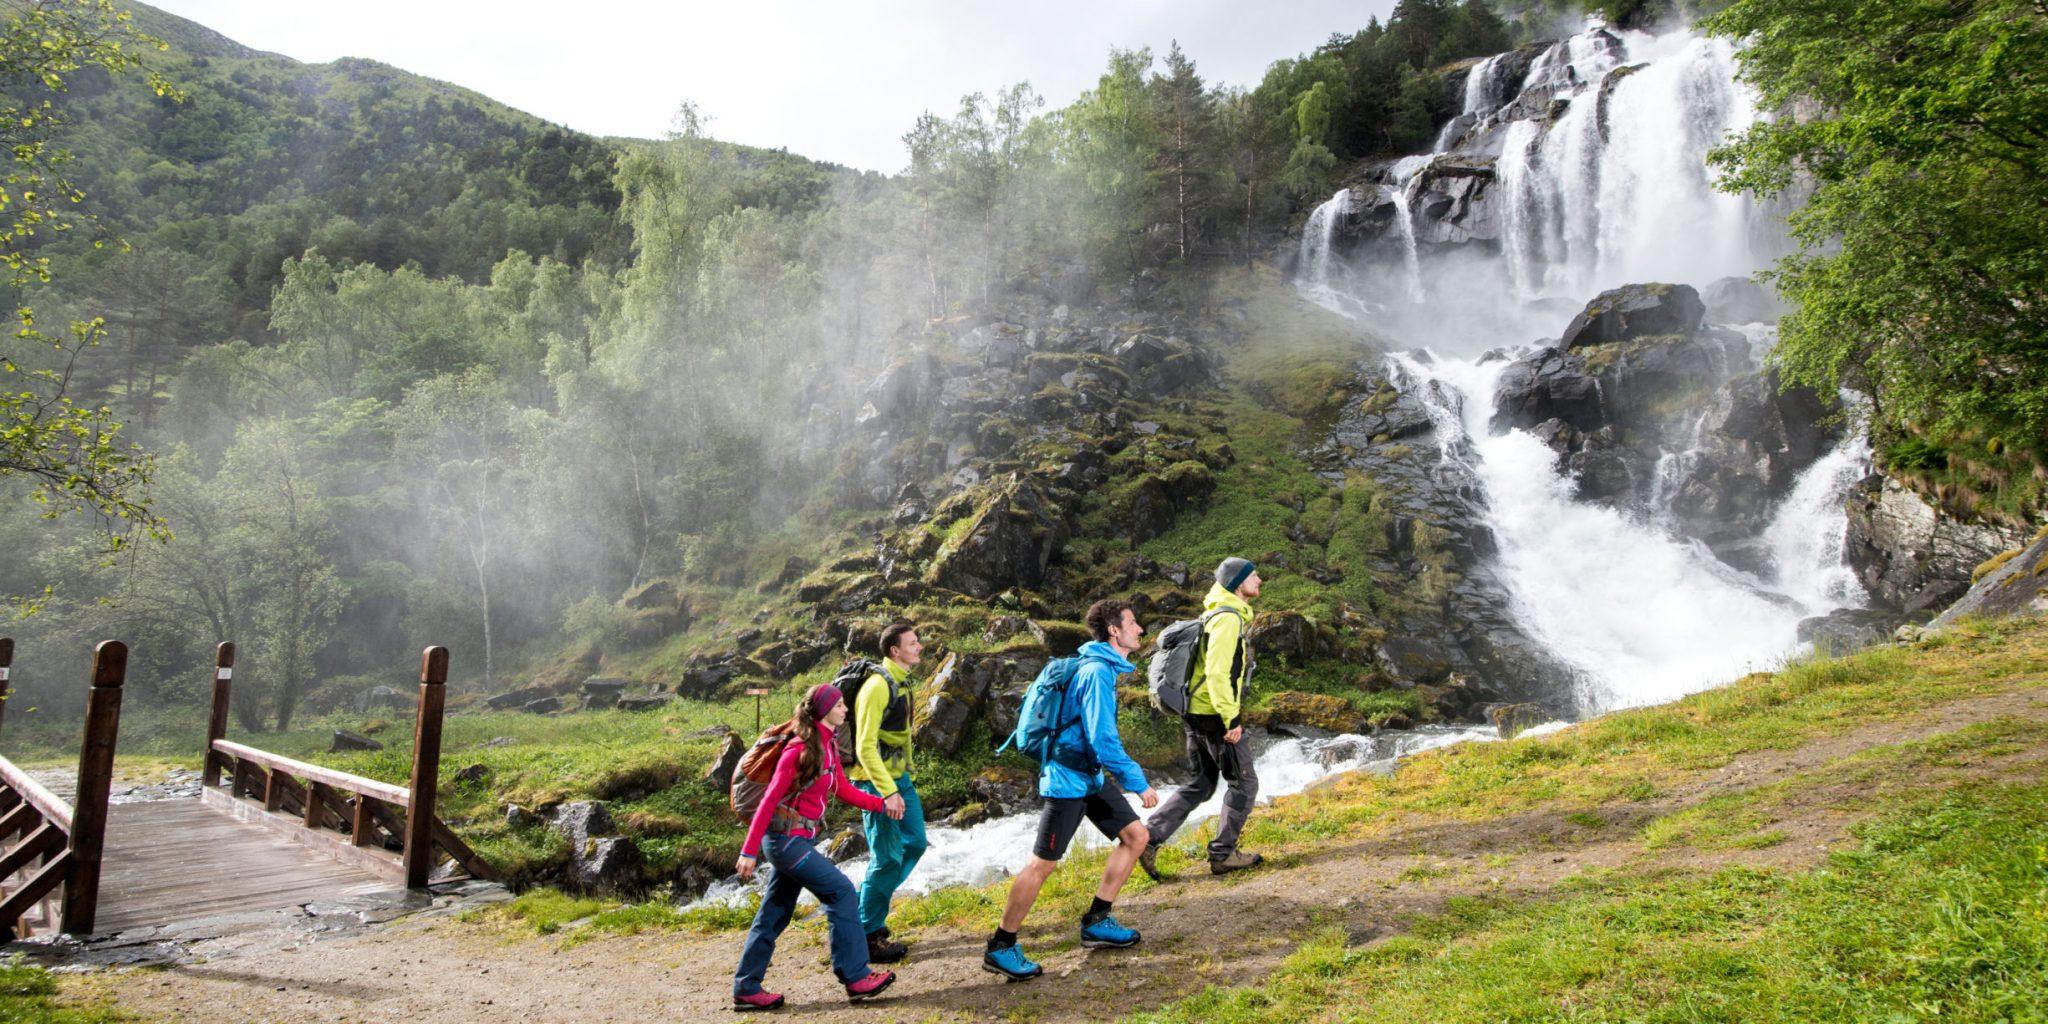 Kongevegen, Soknafossen waterfall, Galdane. Foto by Yngve Ask